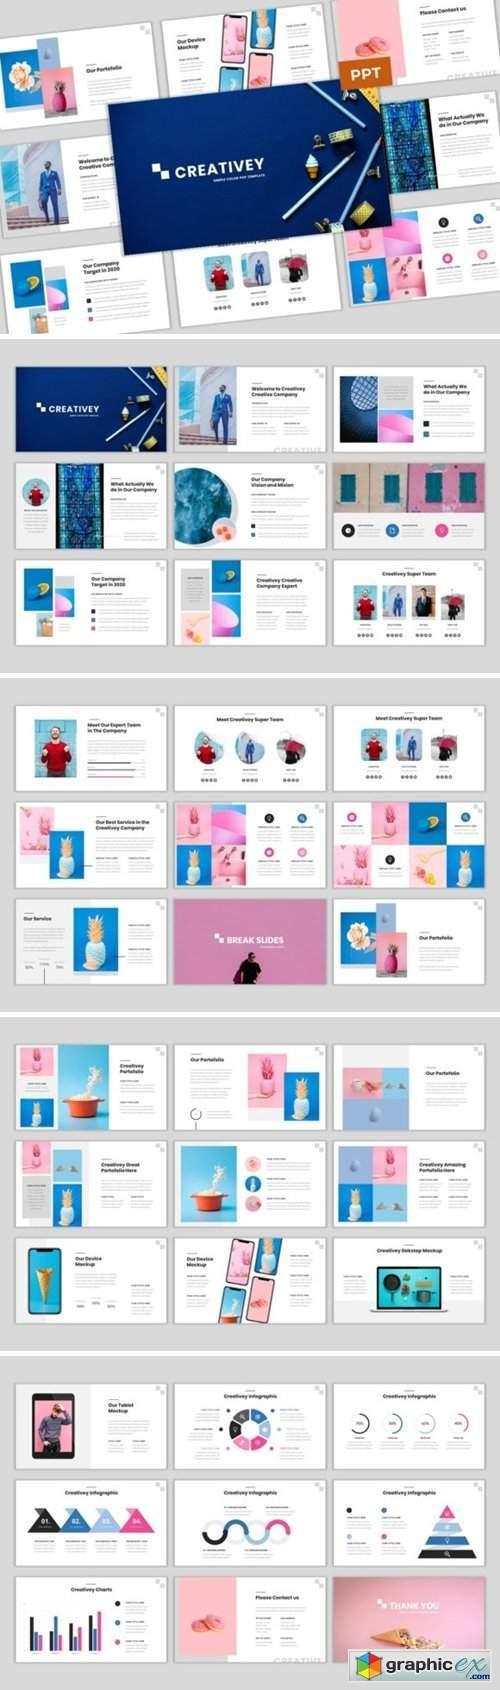 Creativey - Simple Color Pop Template